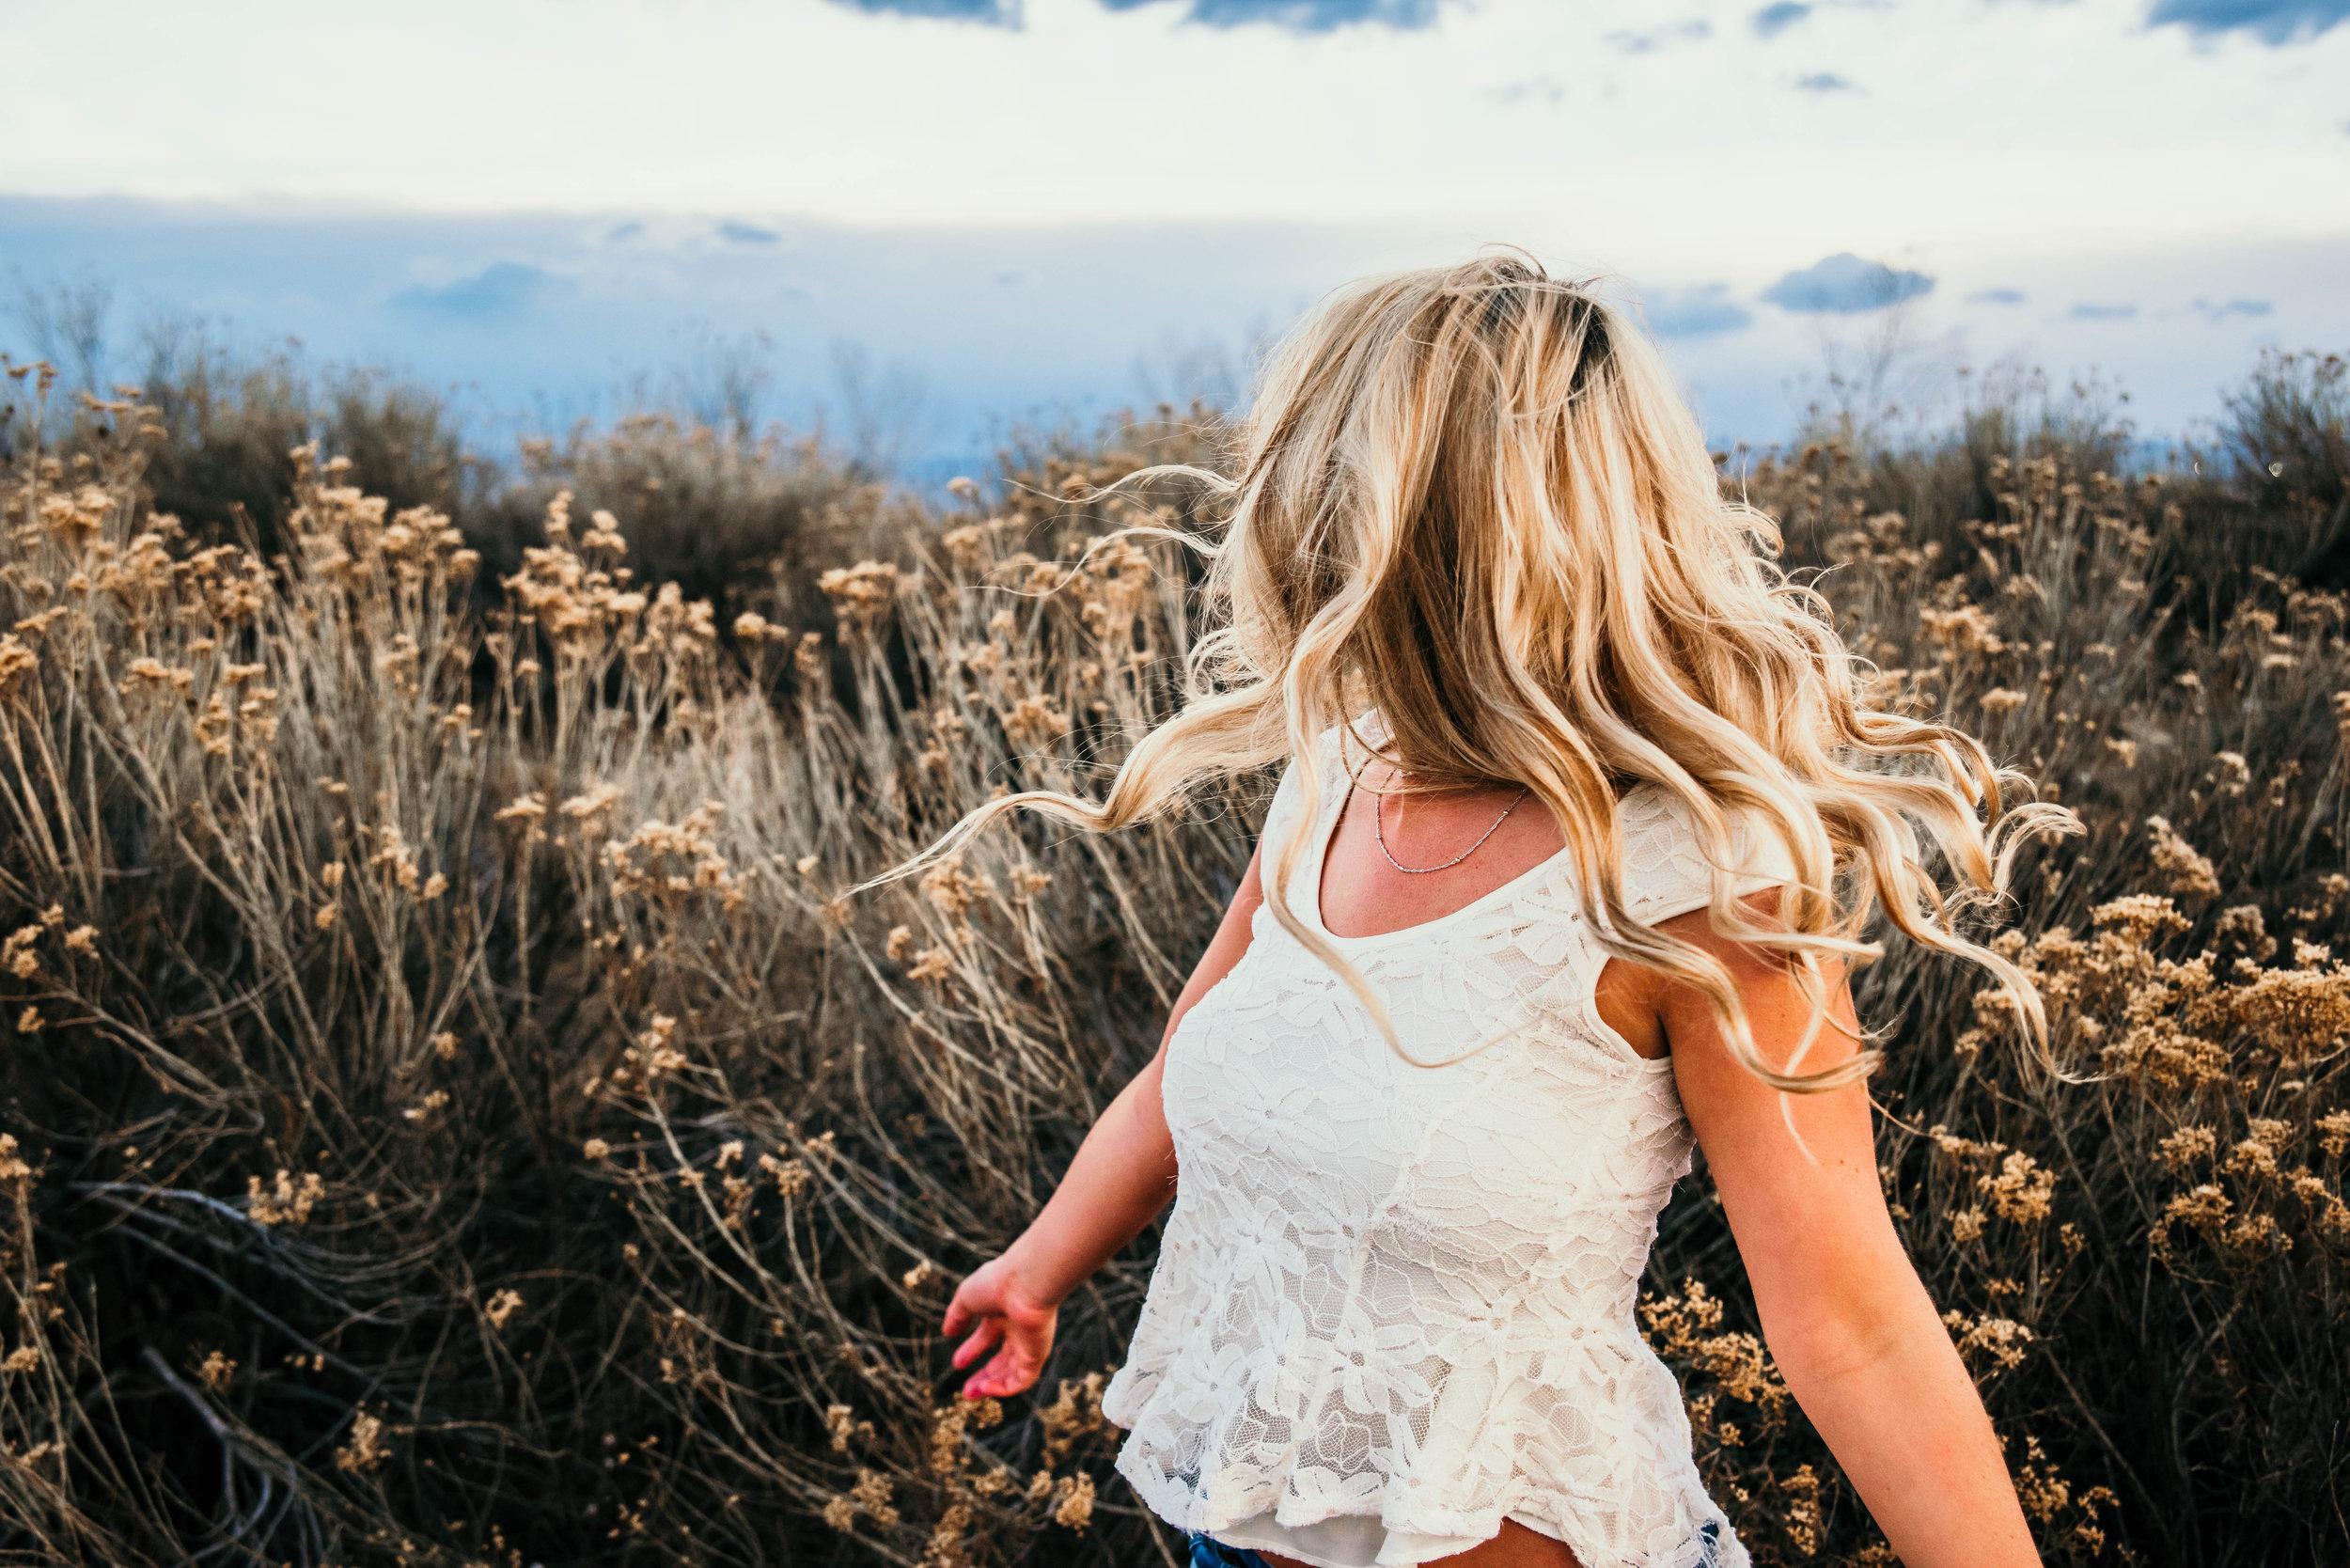 Miss. Miller's Photography | Colorado | Colorado senior photographer | sage brush senior photos | desert vibes senior photos | southwestern photo ideas | boho senior photo ideas | spinning senior photos | hair flip photo ideas | modern senior photo ideas